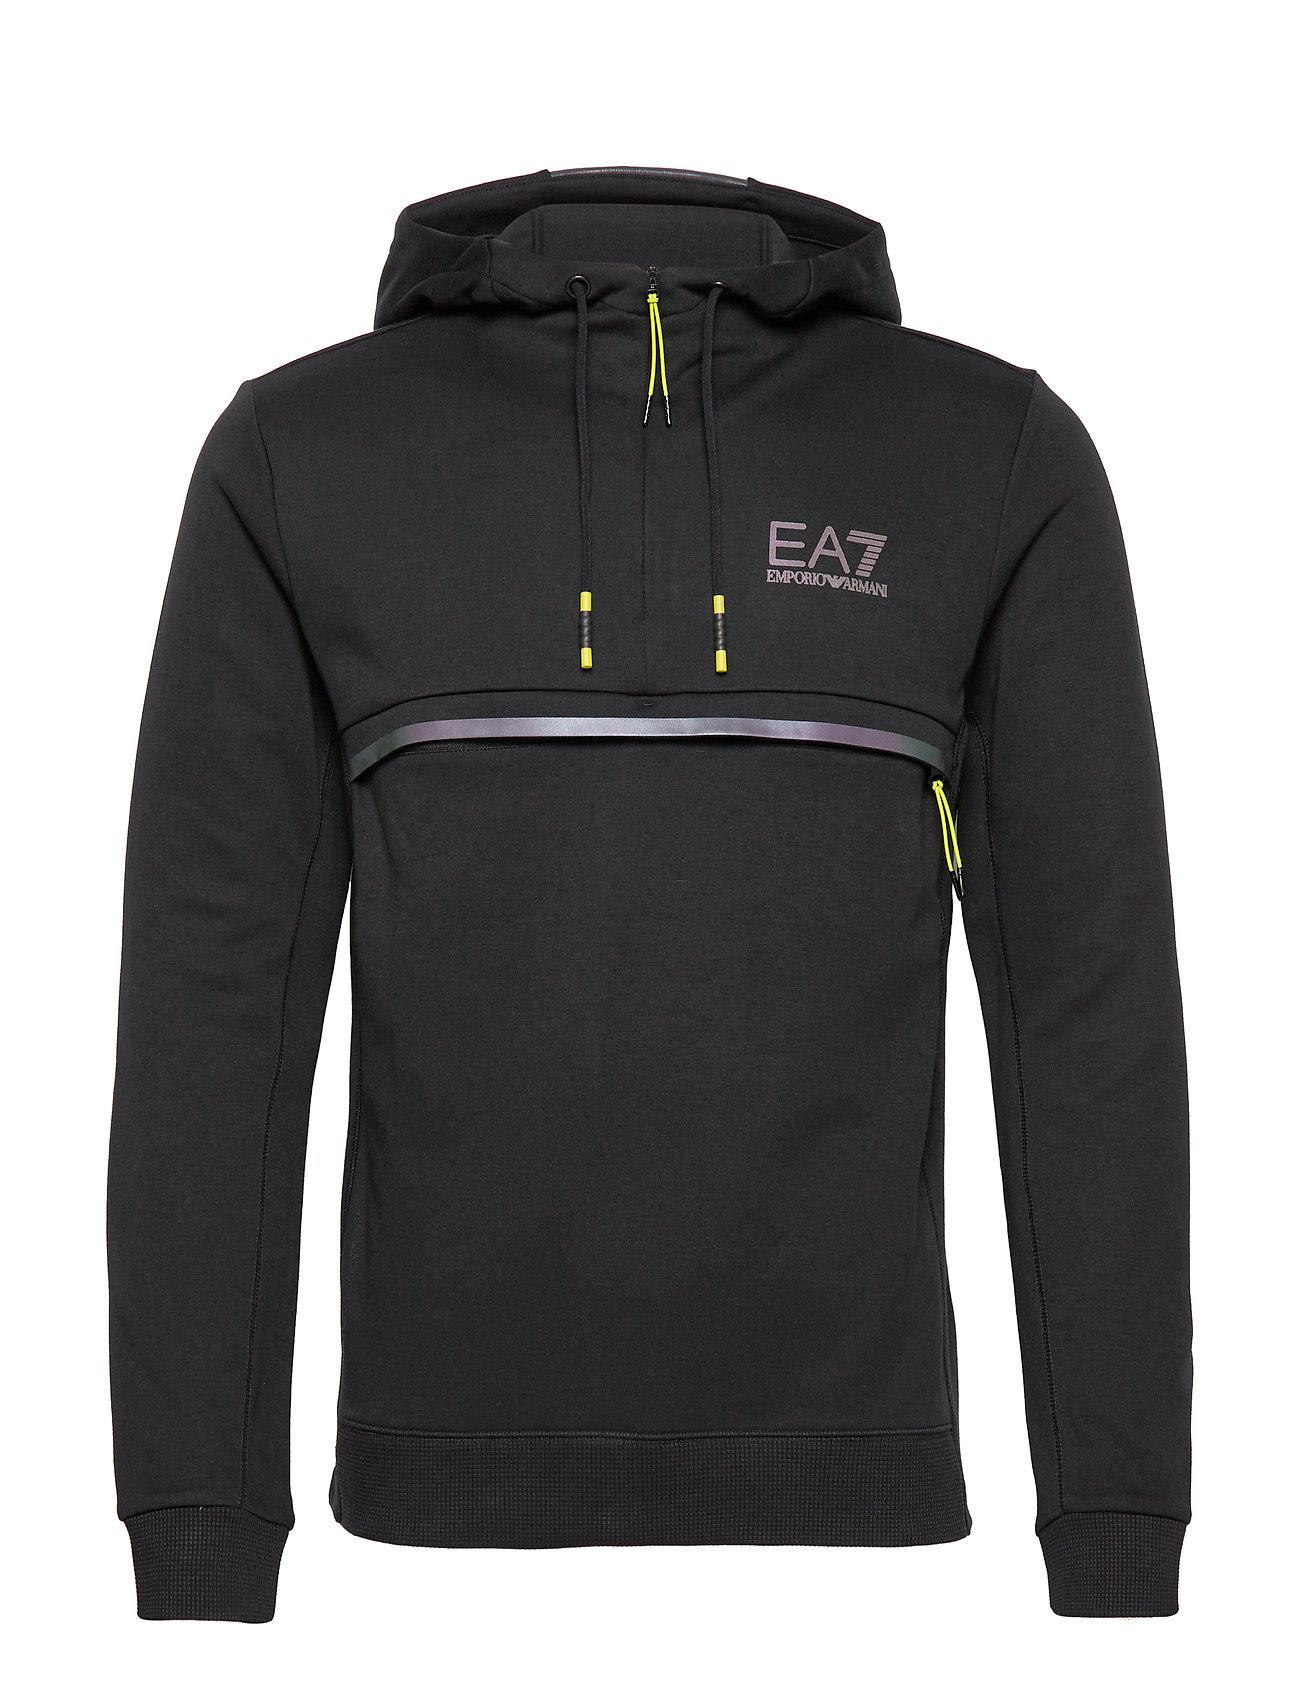 EA7 HOODIE TRANING SWEATSHIRT - BLACK